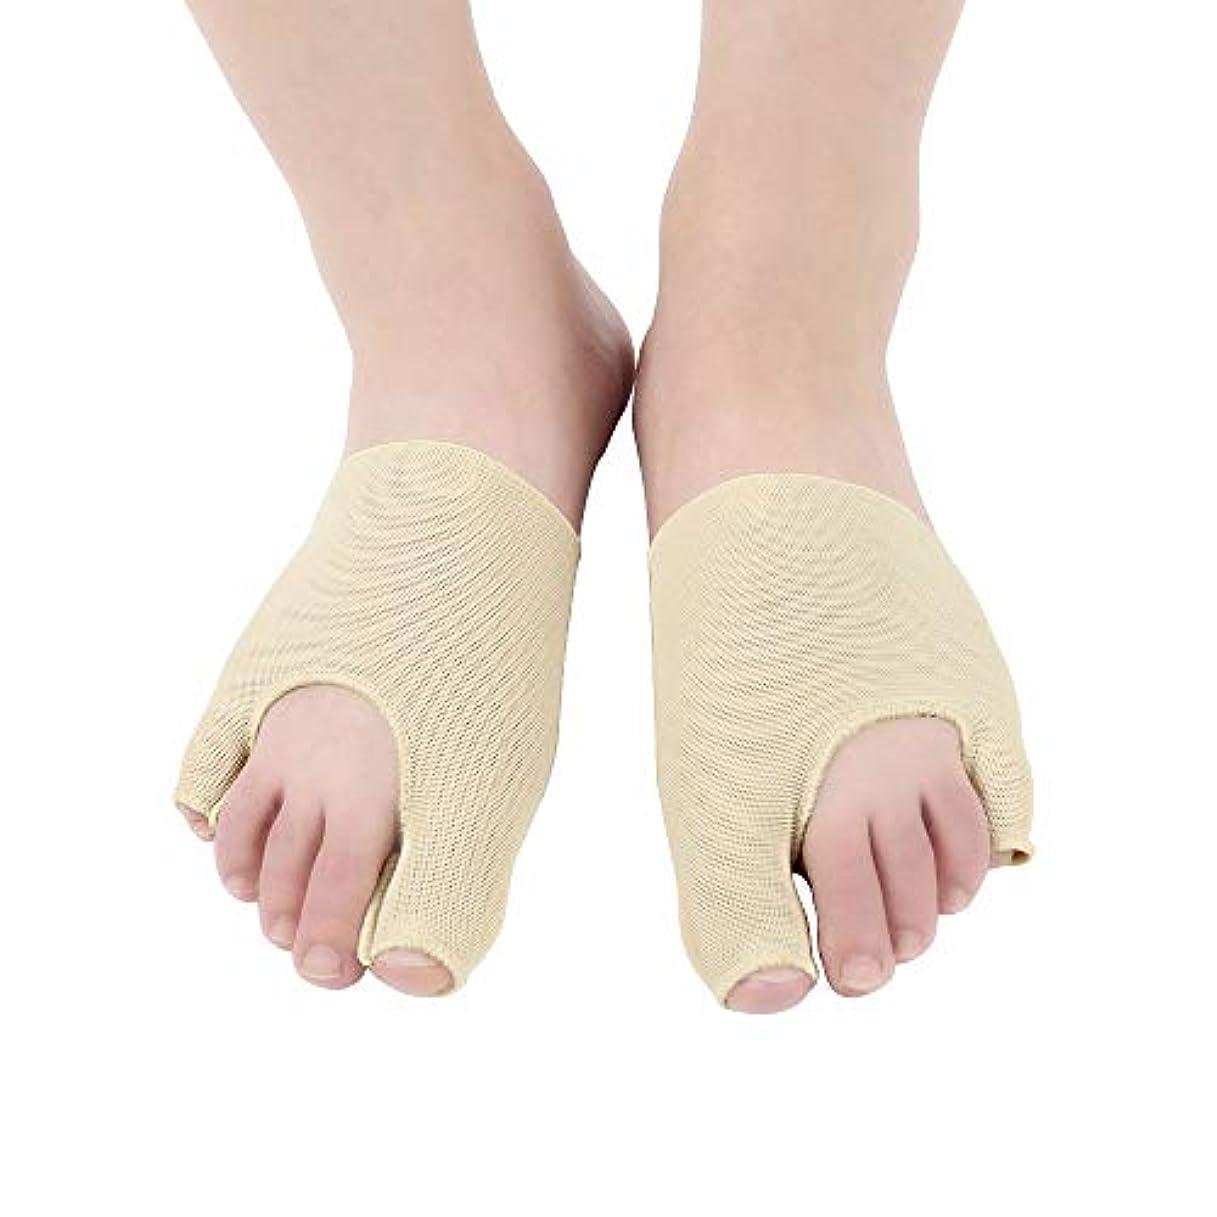 深める柔らかい予知高弾性のためのつま先補正靴下ケア厚手のダンピング吸収汗通気性ナイロン布をつま先外反の重複を防ぐために吸収,2pairs,S